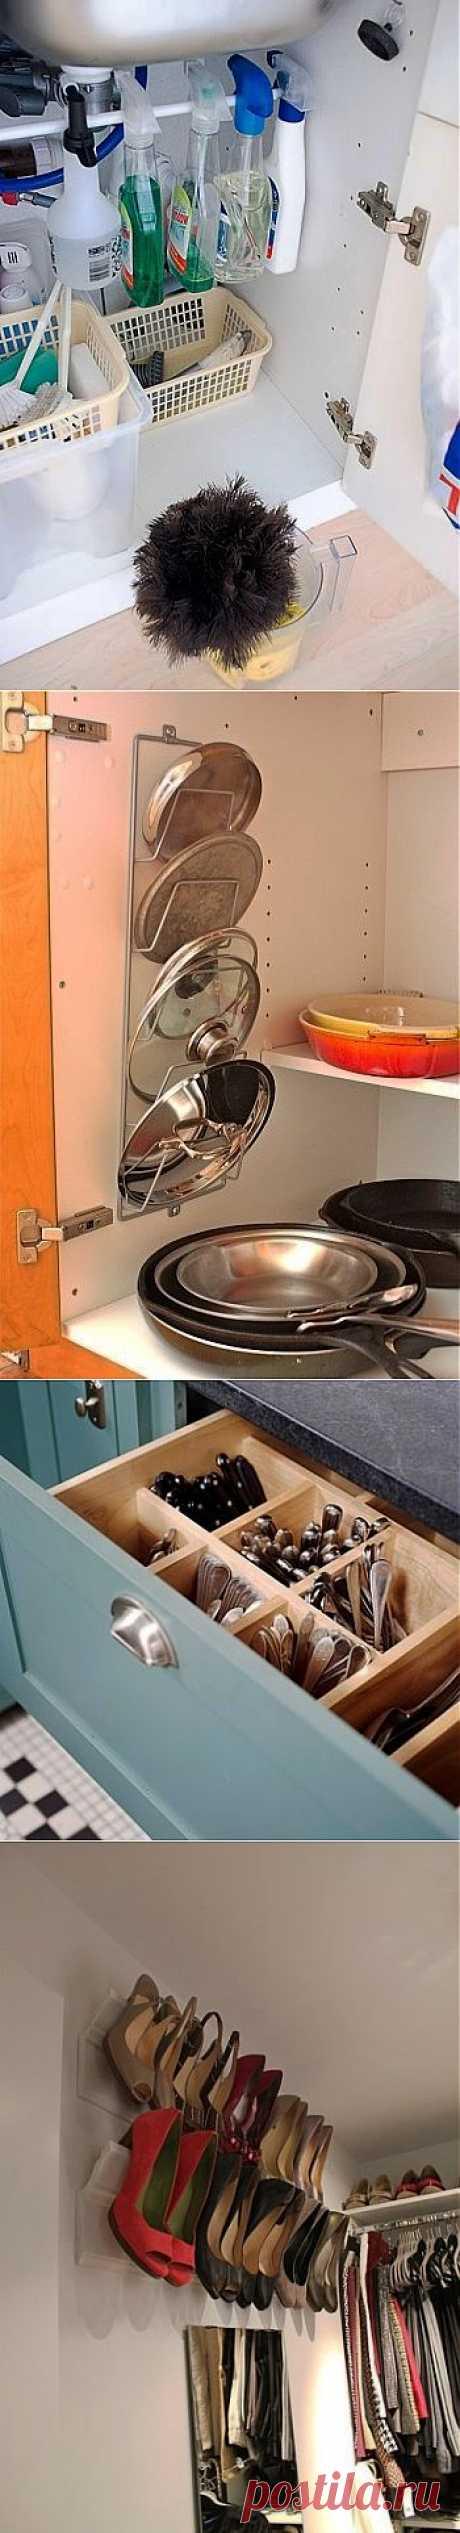 Полезные советы хозяйкам для всего дома.